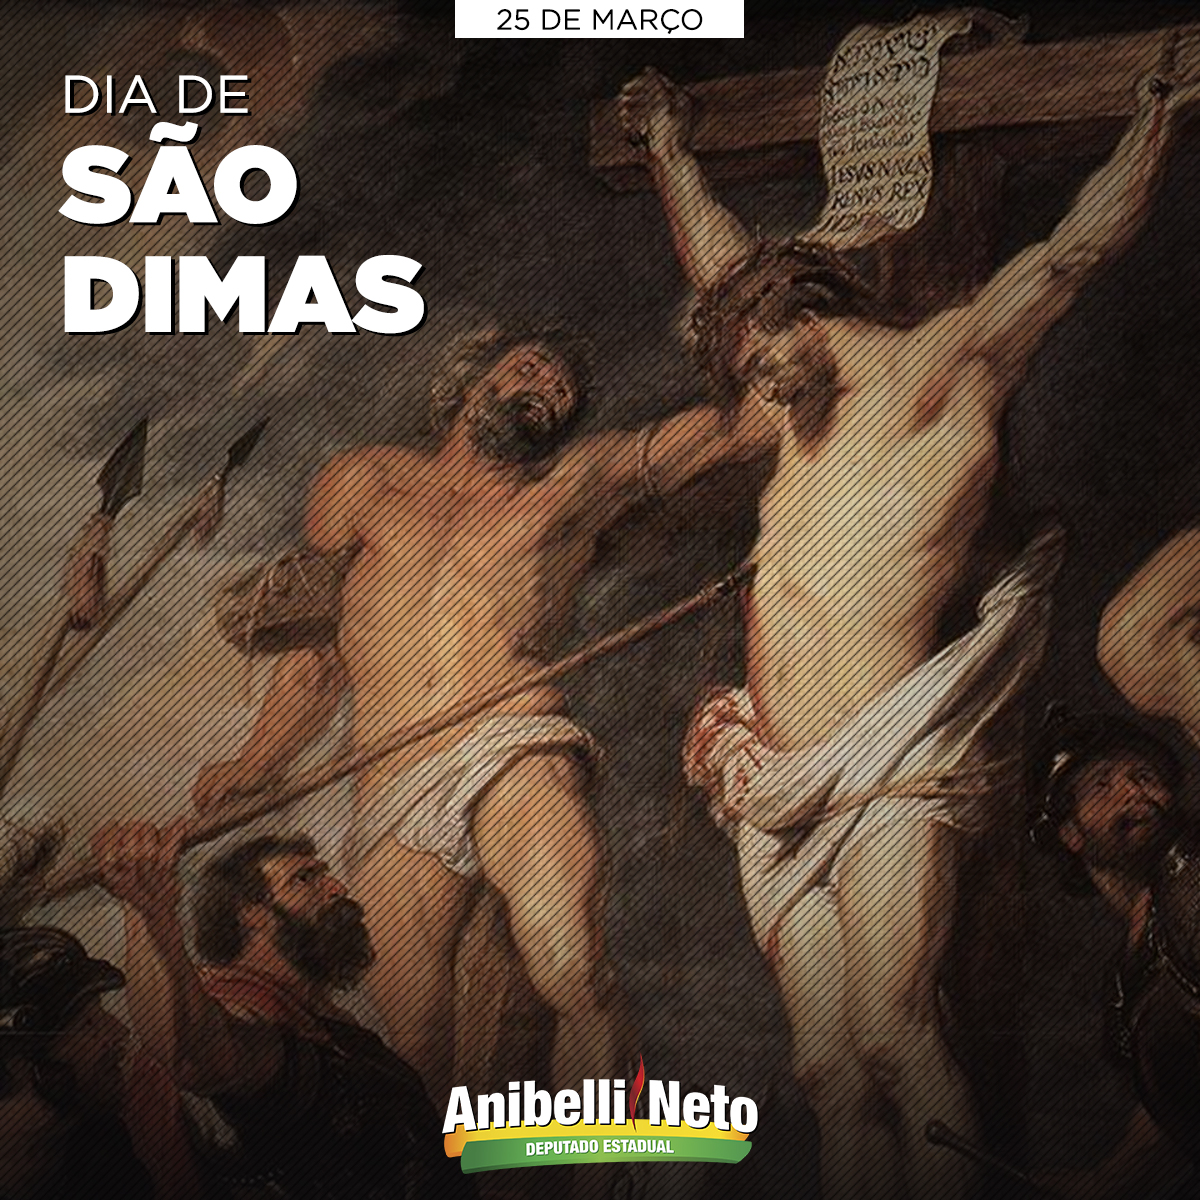 Dia de São Dimas